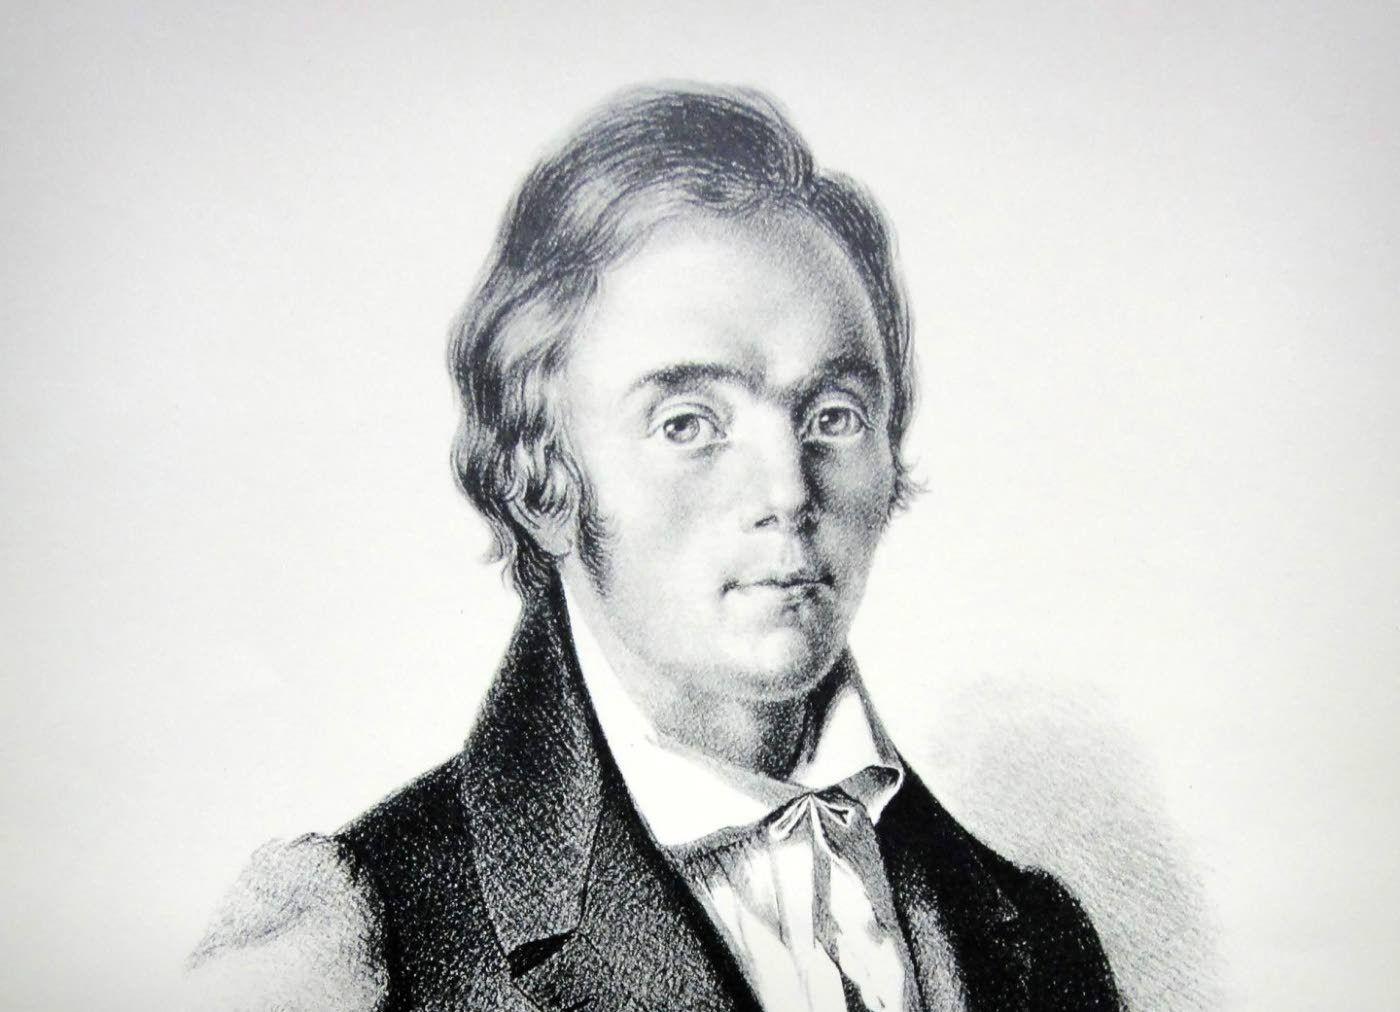 Musiikki- ja virsimies Lönnrot Elias Lönnrot (1802–1884) tallensi noin 2400 vanhaa runoa (noin 75000 säettä) ja noin 6000 sananlaskua sekä suuren määrän arvoituksia, satuja ja kielitieteellisiä havaintoja suomen, aunuksen, vepsän, lapin ja viron kielestä. Hän toimitti kans